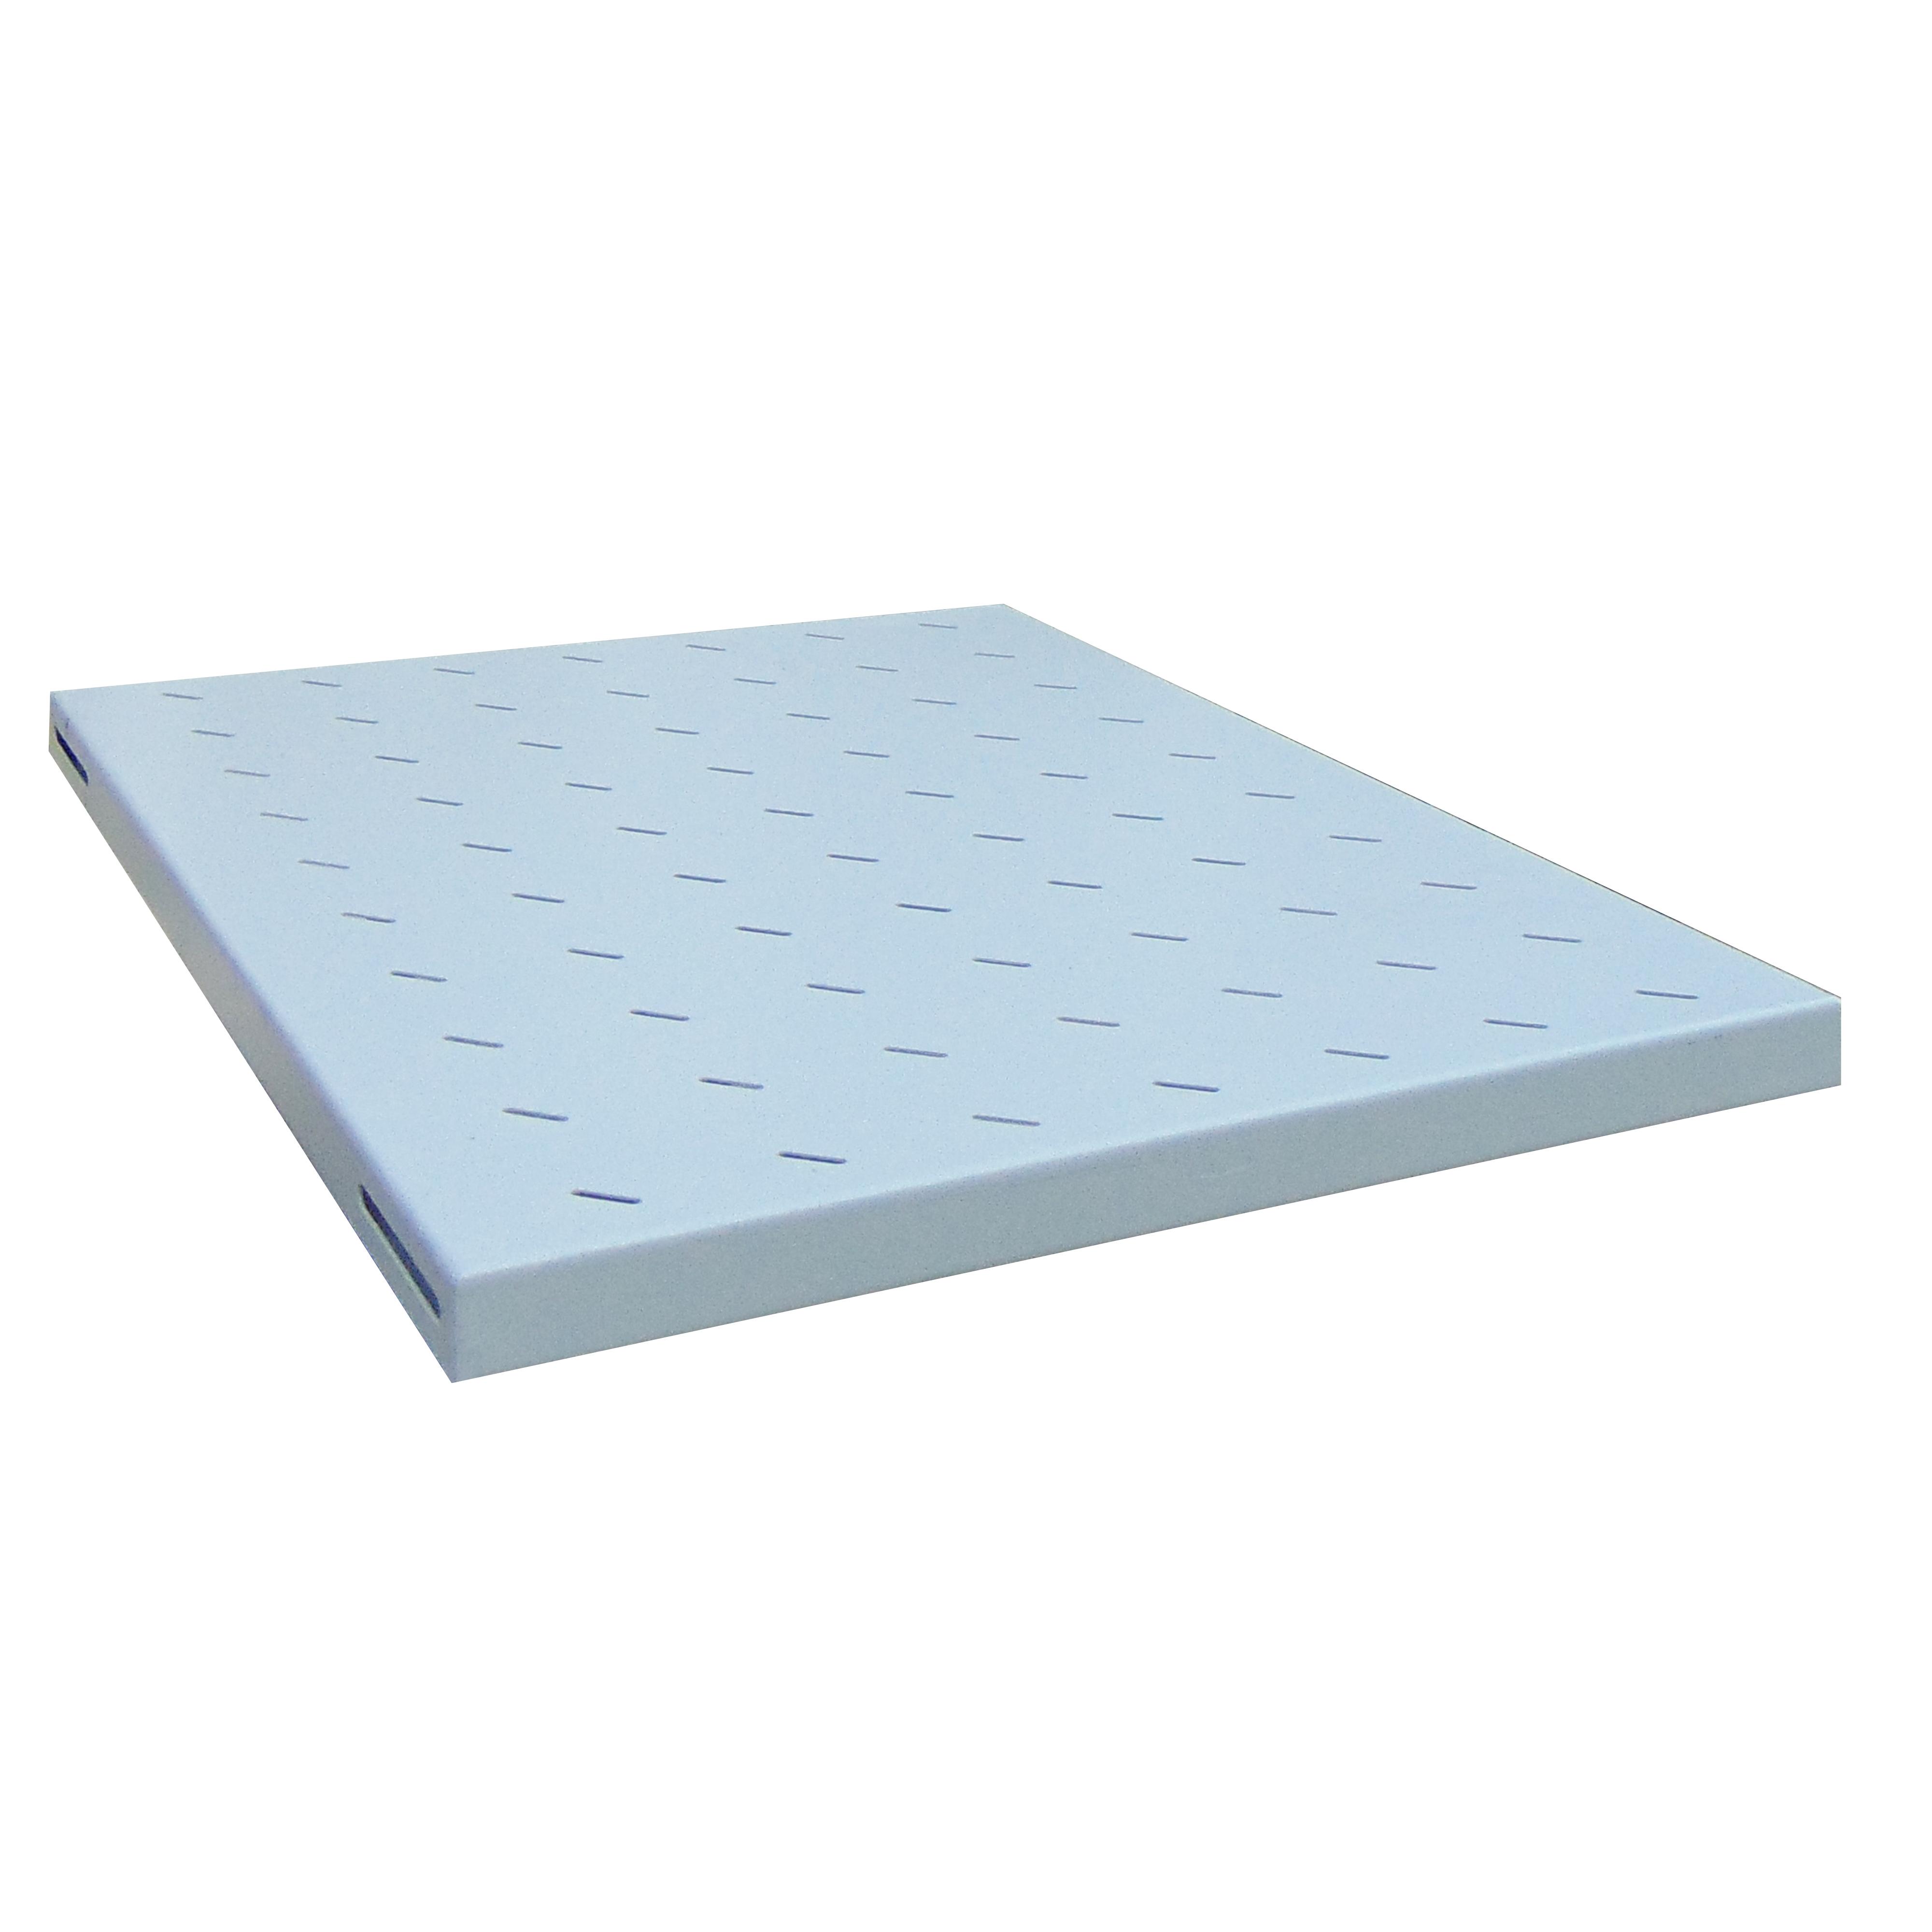 Khay cố định Fix tray Cho Tủ Rack, Tủ Mạng - TMC Fix tray 19 Inh